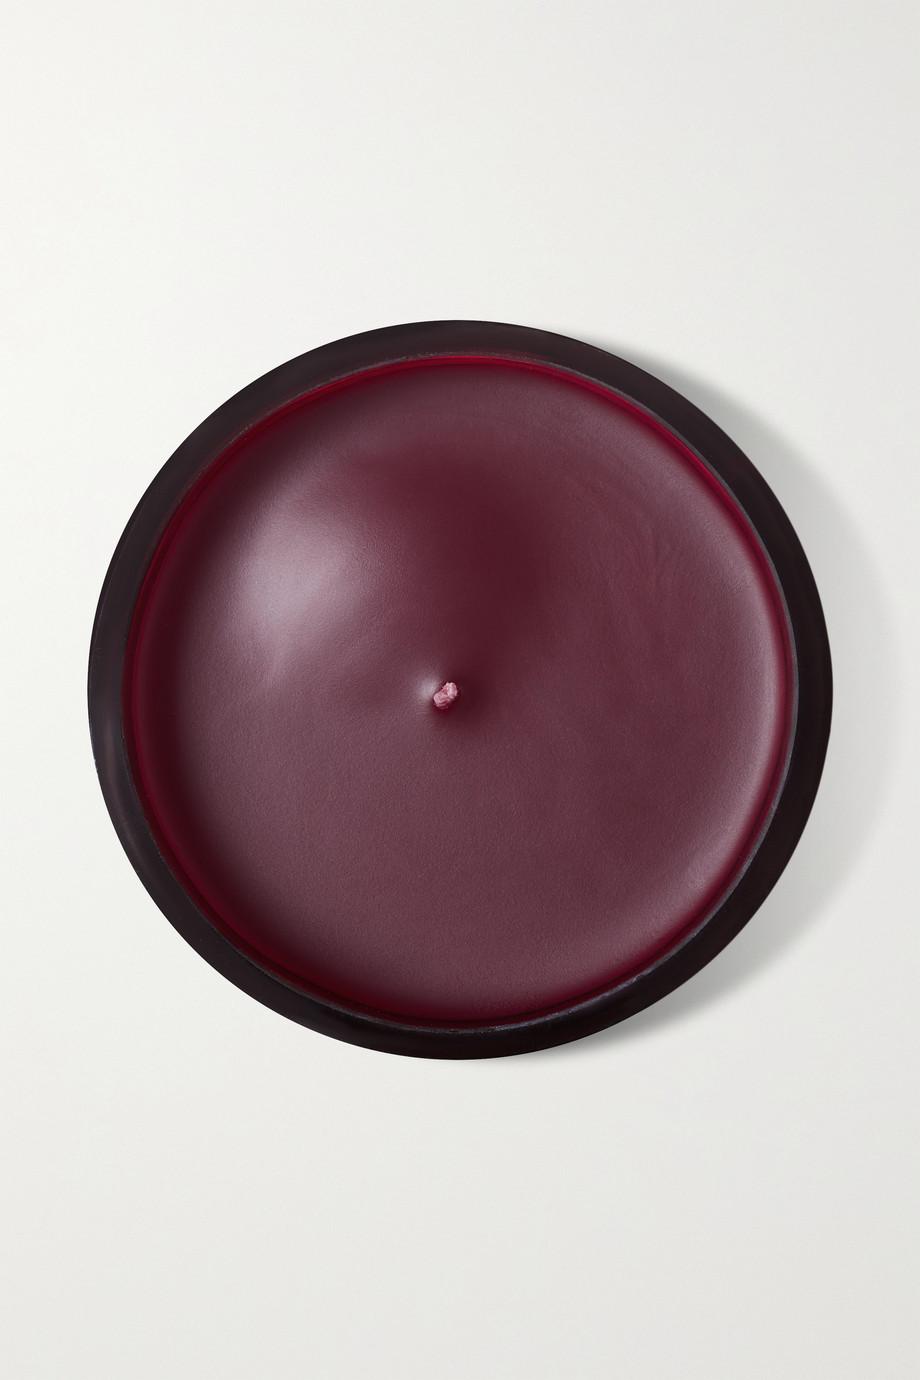 Diptyque Red Tubéreuse Duftkerze, 300 g